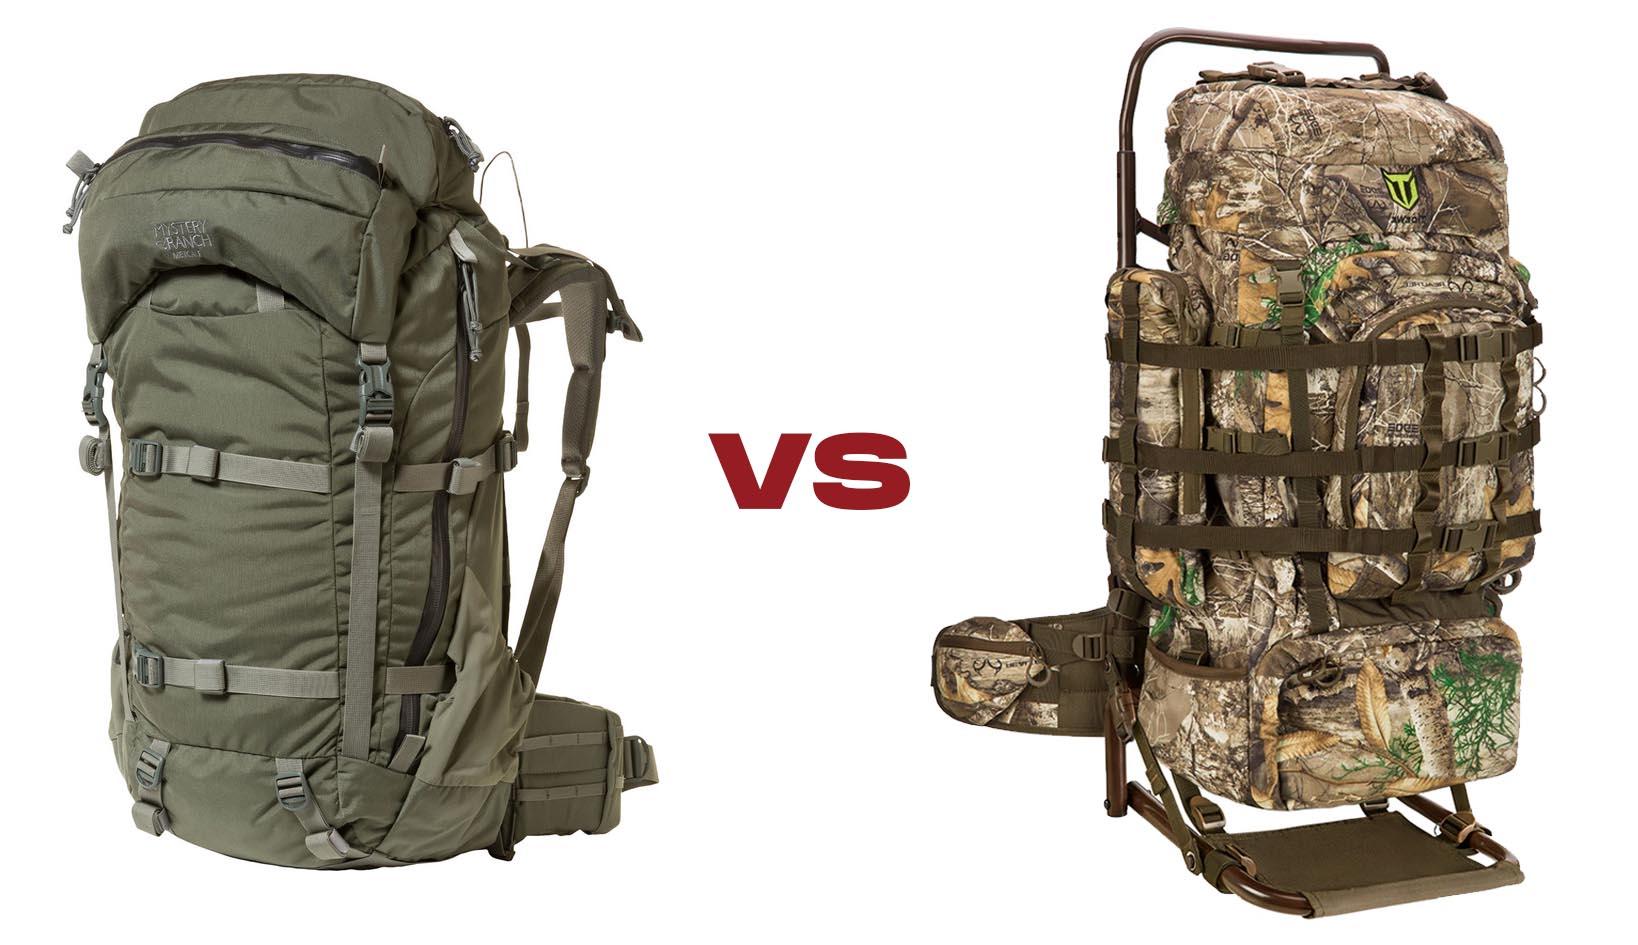 internal vs external frame hunting backpack